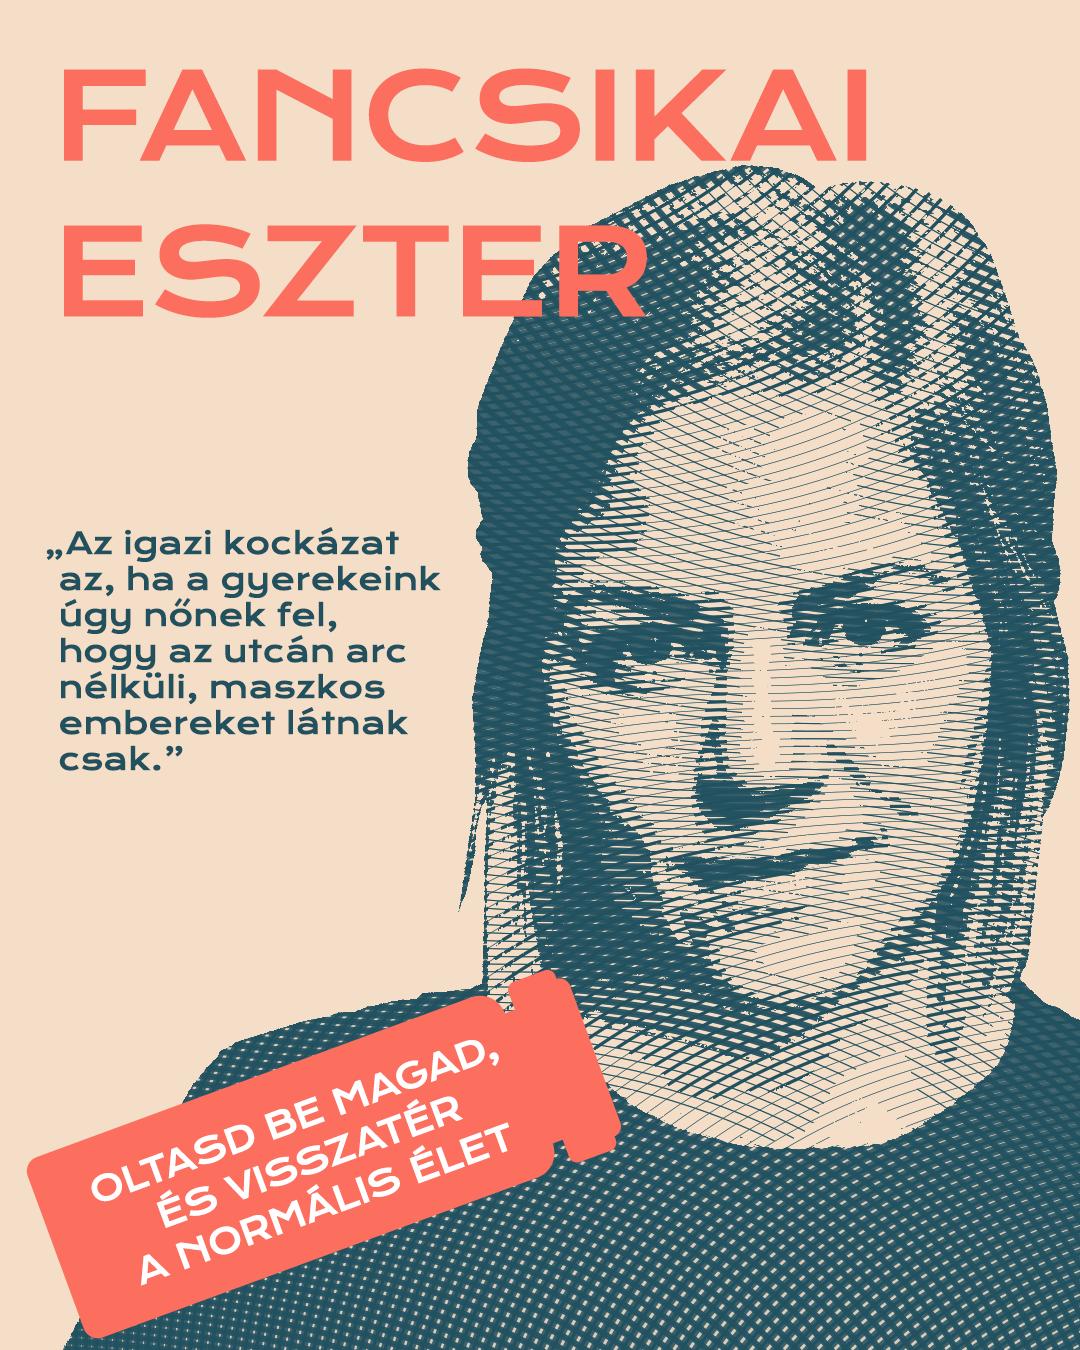 Franciska Eszter